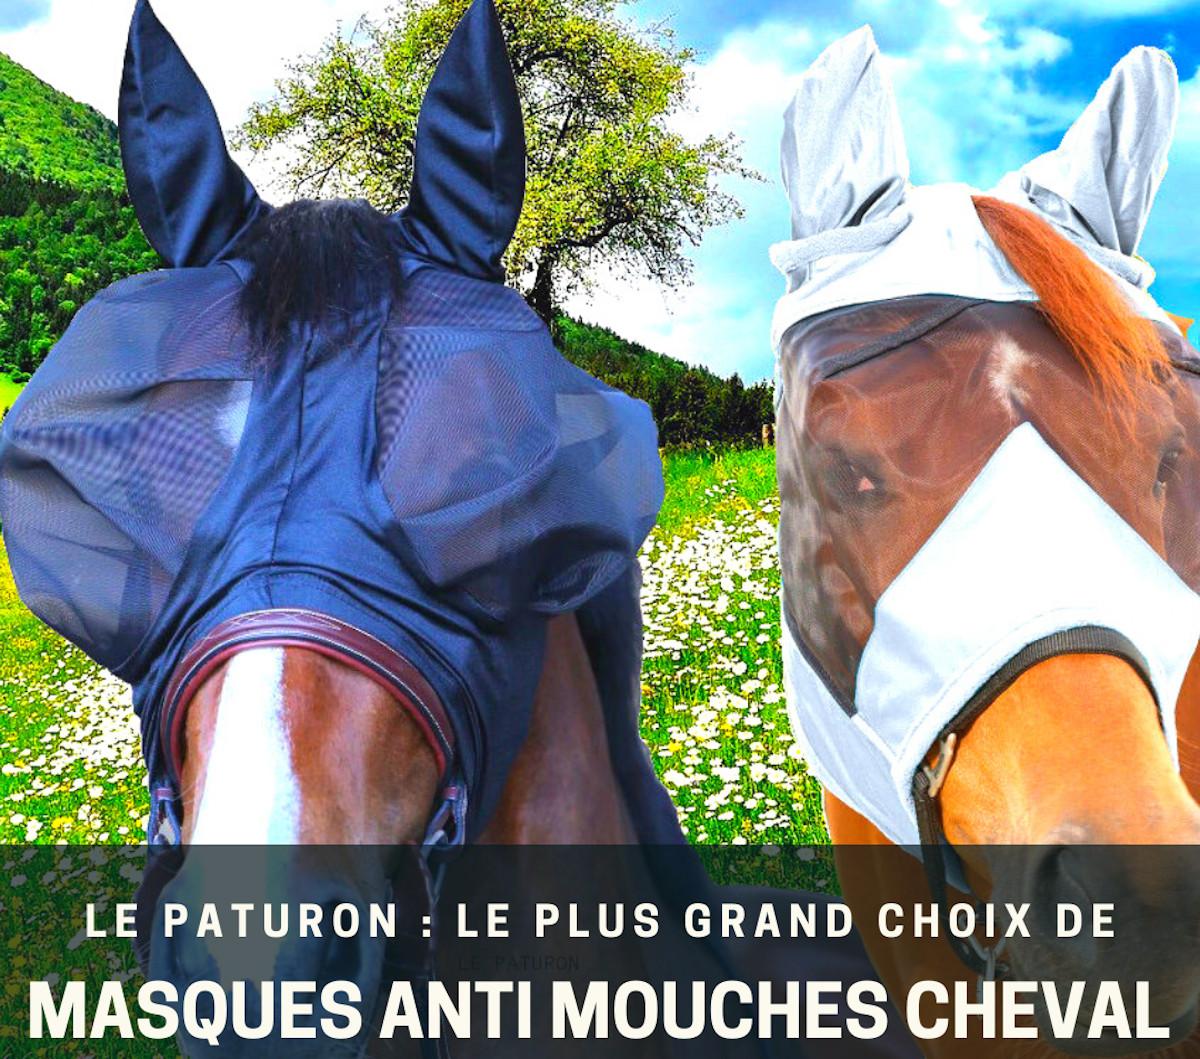 Meilleur masque anti mouche cheval - Le Paturon